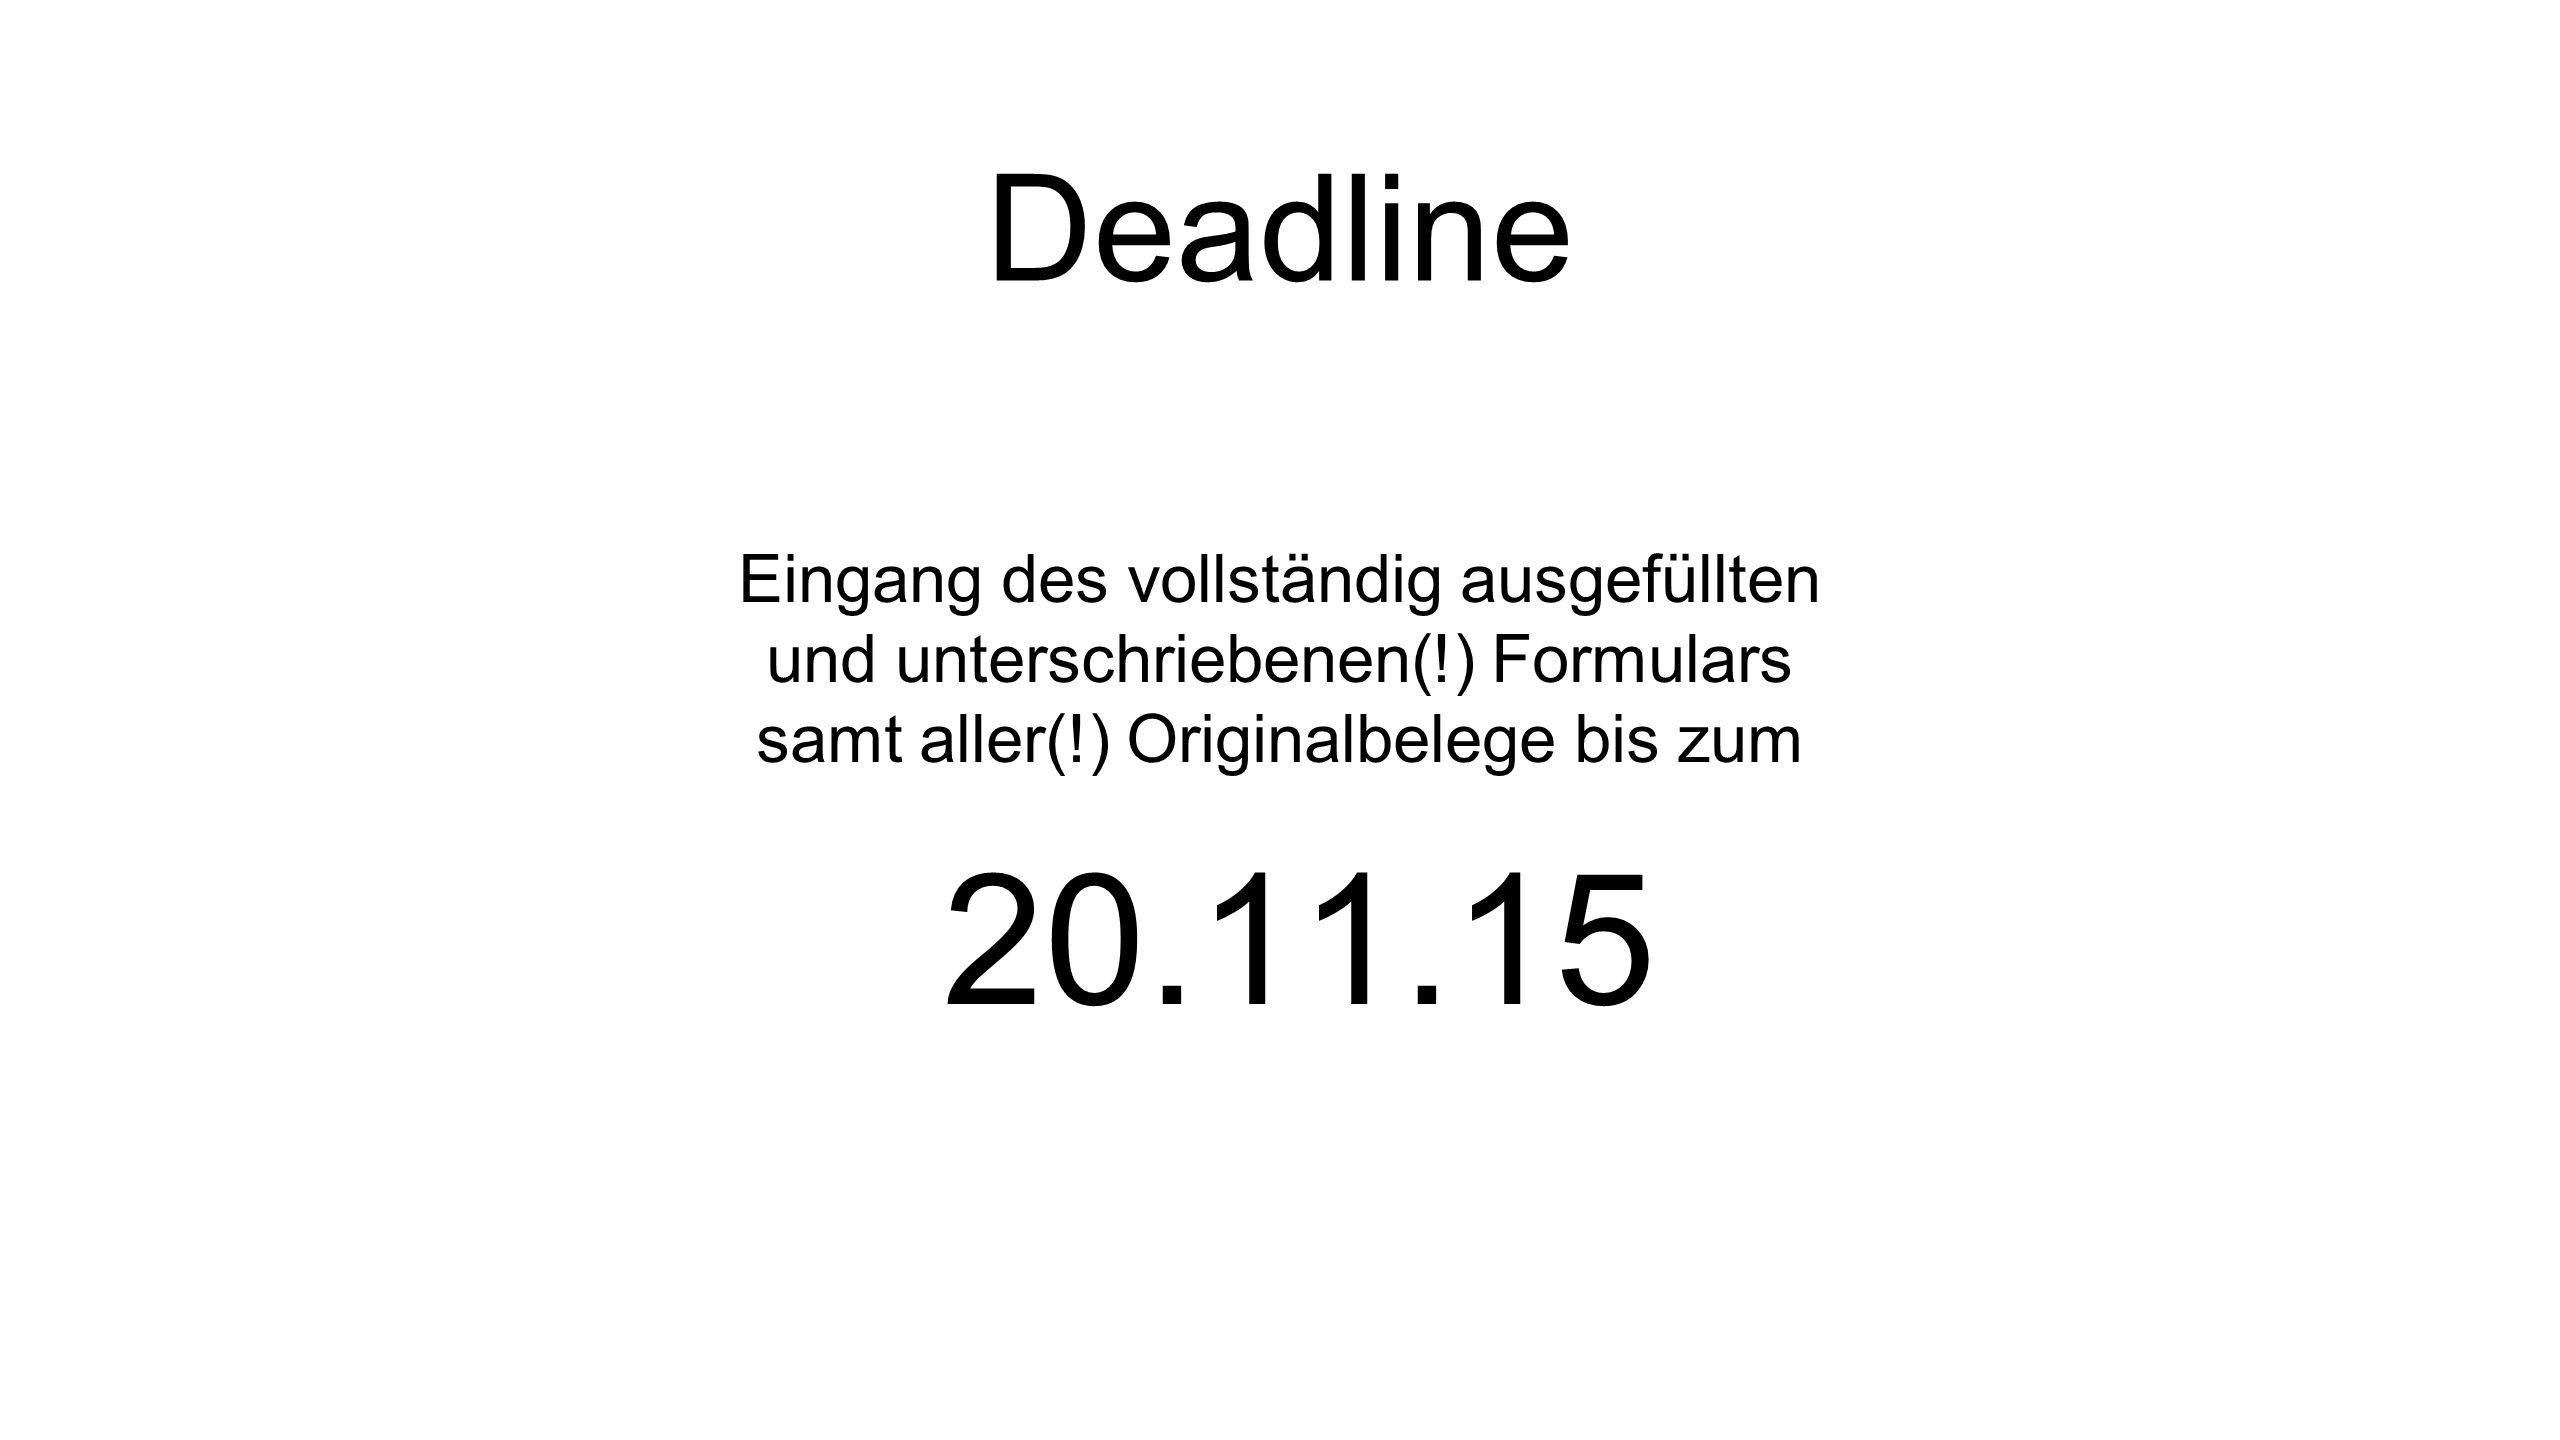 Deadline Eingang des vollständig ausgefüllten und unterschriebenen(!) Formulars samt aller(!) Originalbelege bis zum 20.11.15